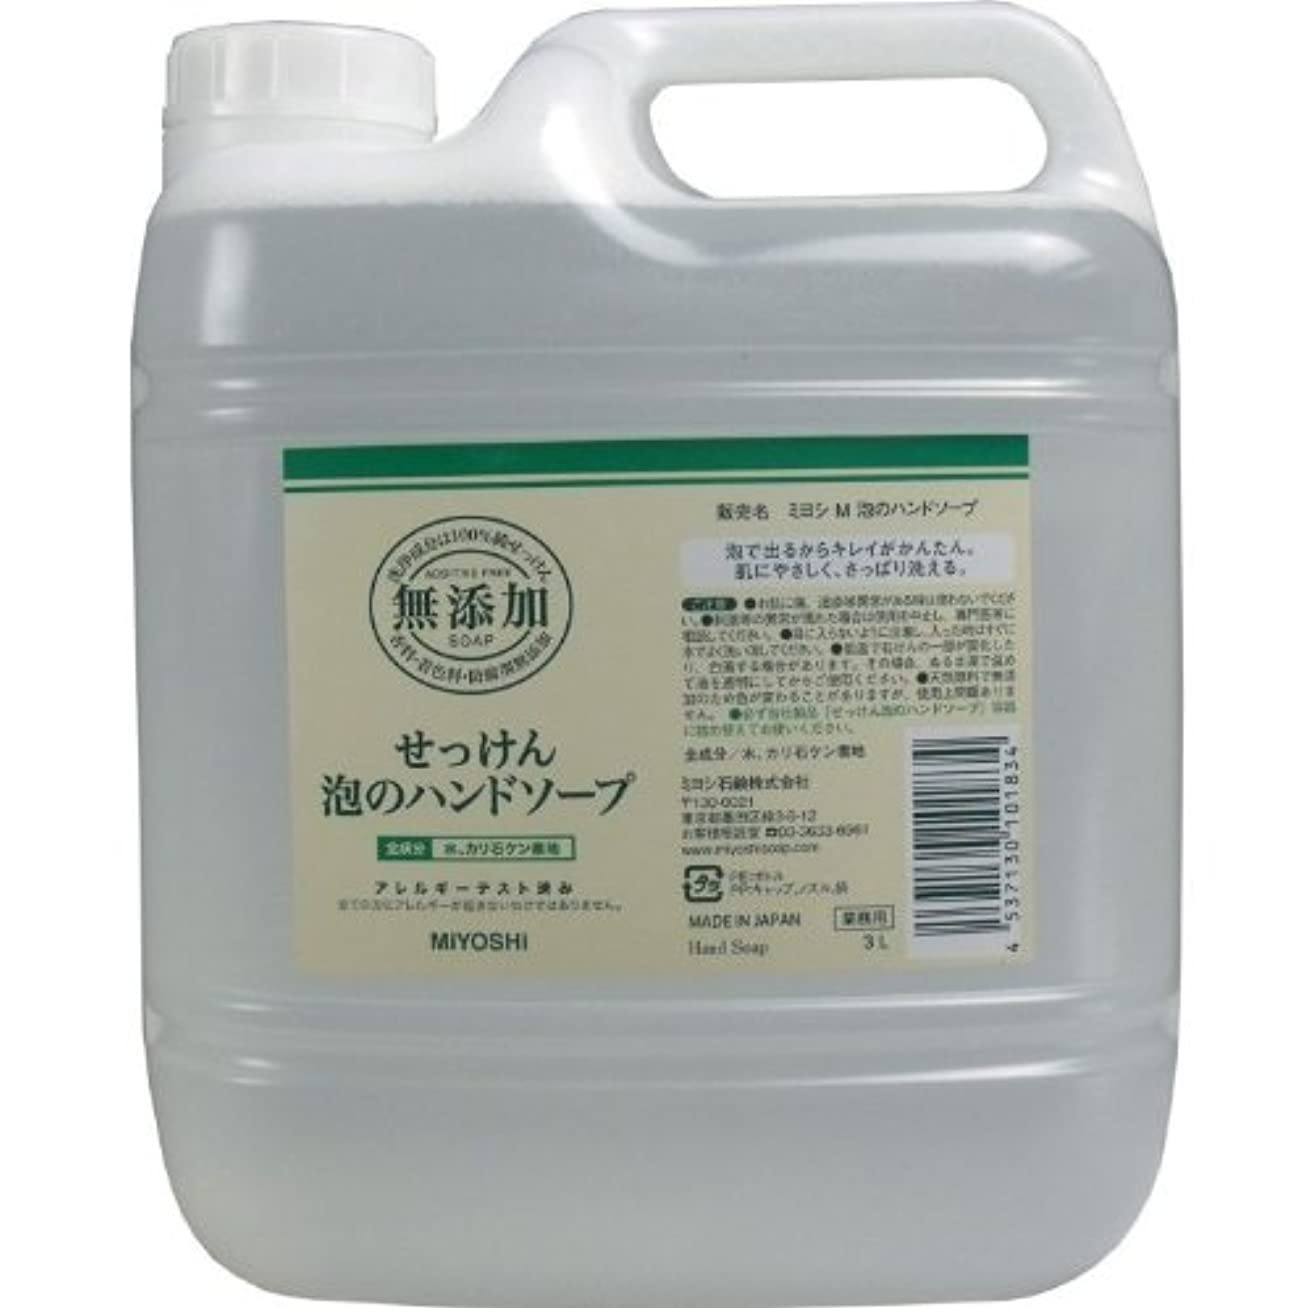 請うもし受信機泡で出るからキレイが簡単!家事の間のサッと洗いも簡単!香料、着色料、防腐剤無添加!(業務用)3L